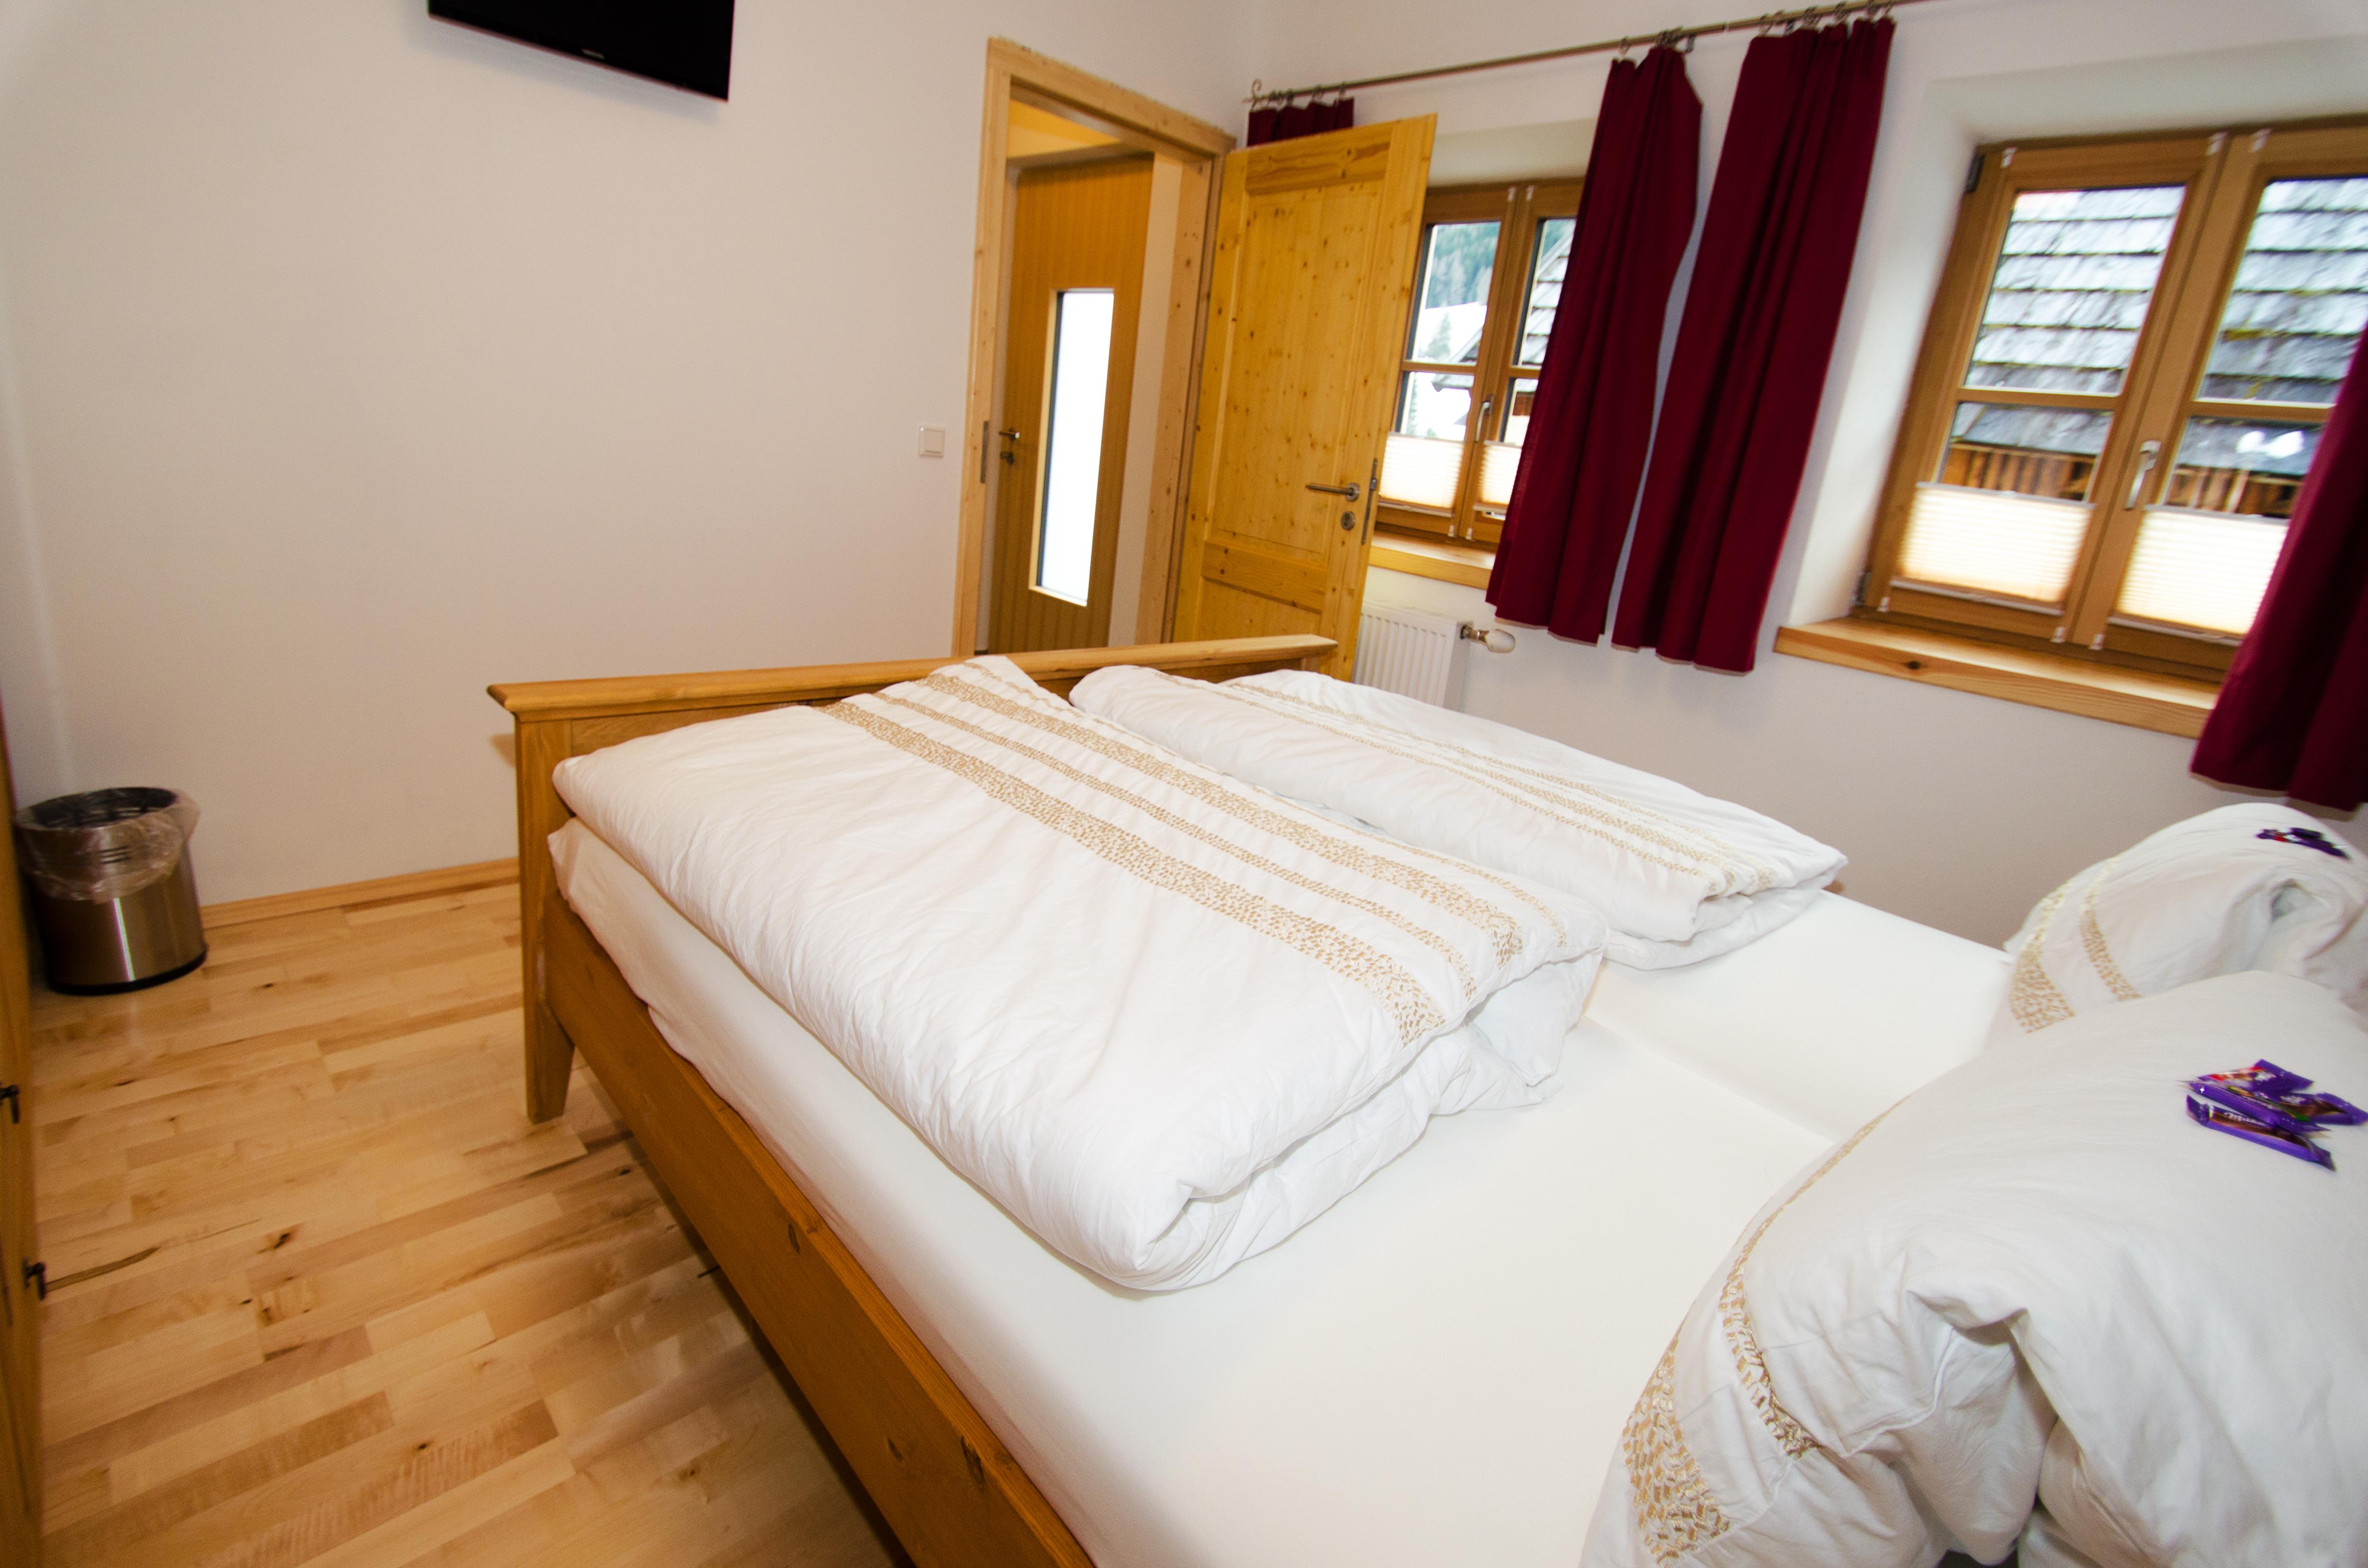 Wohnung3_Schlafzimmer1